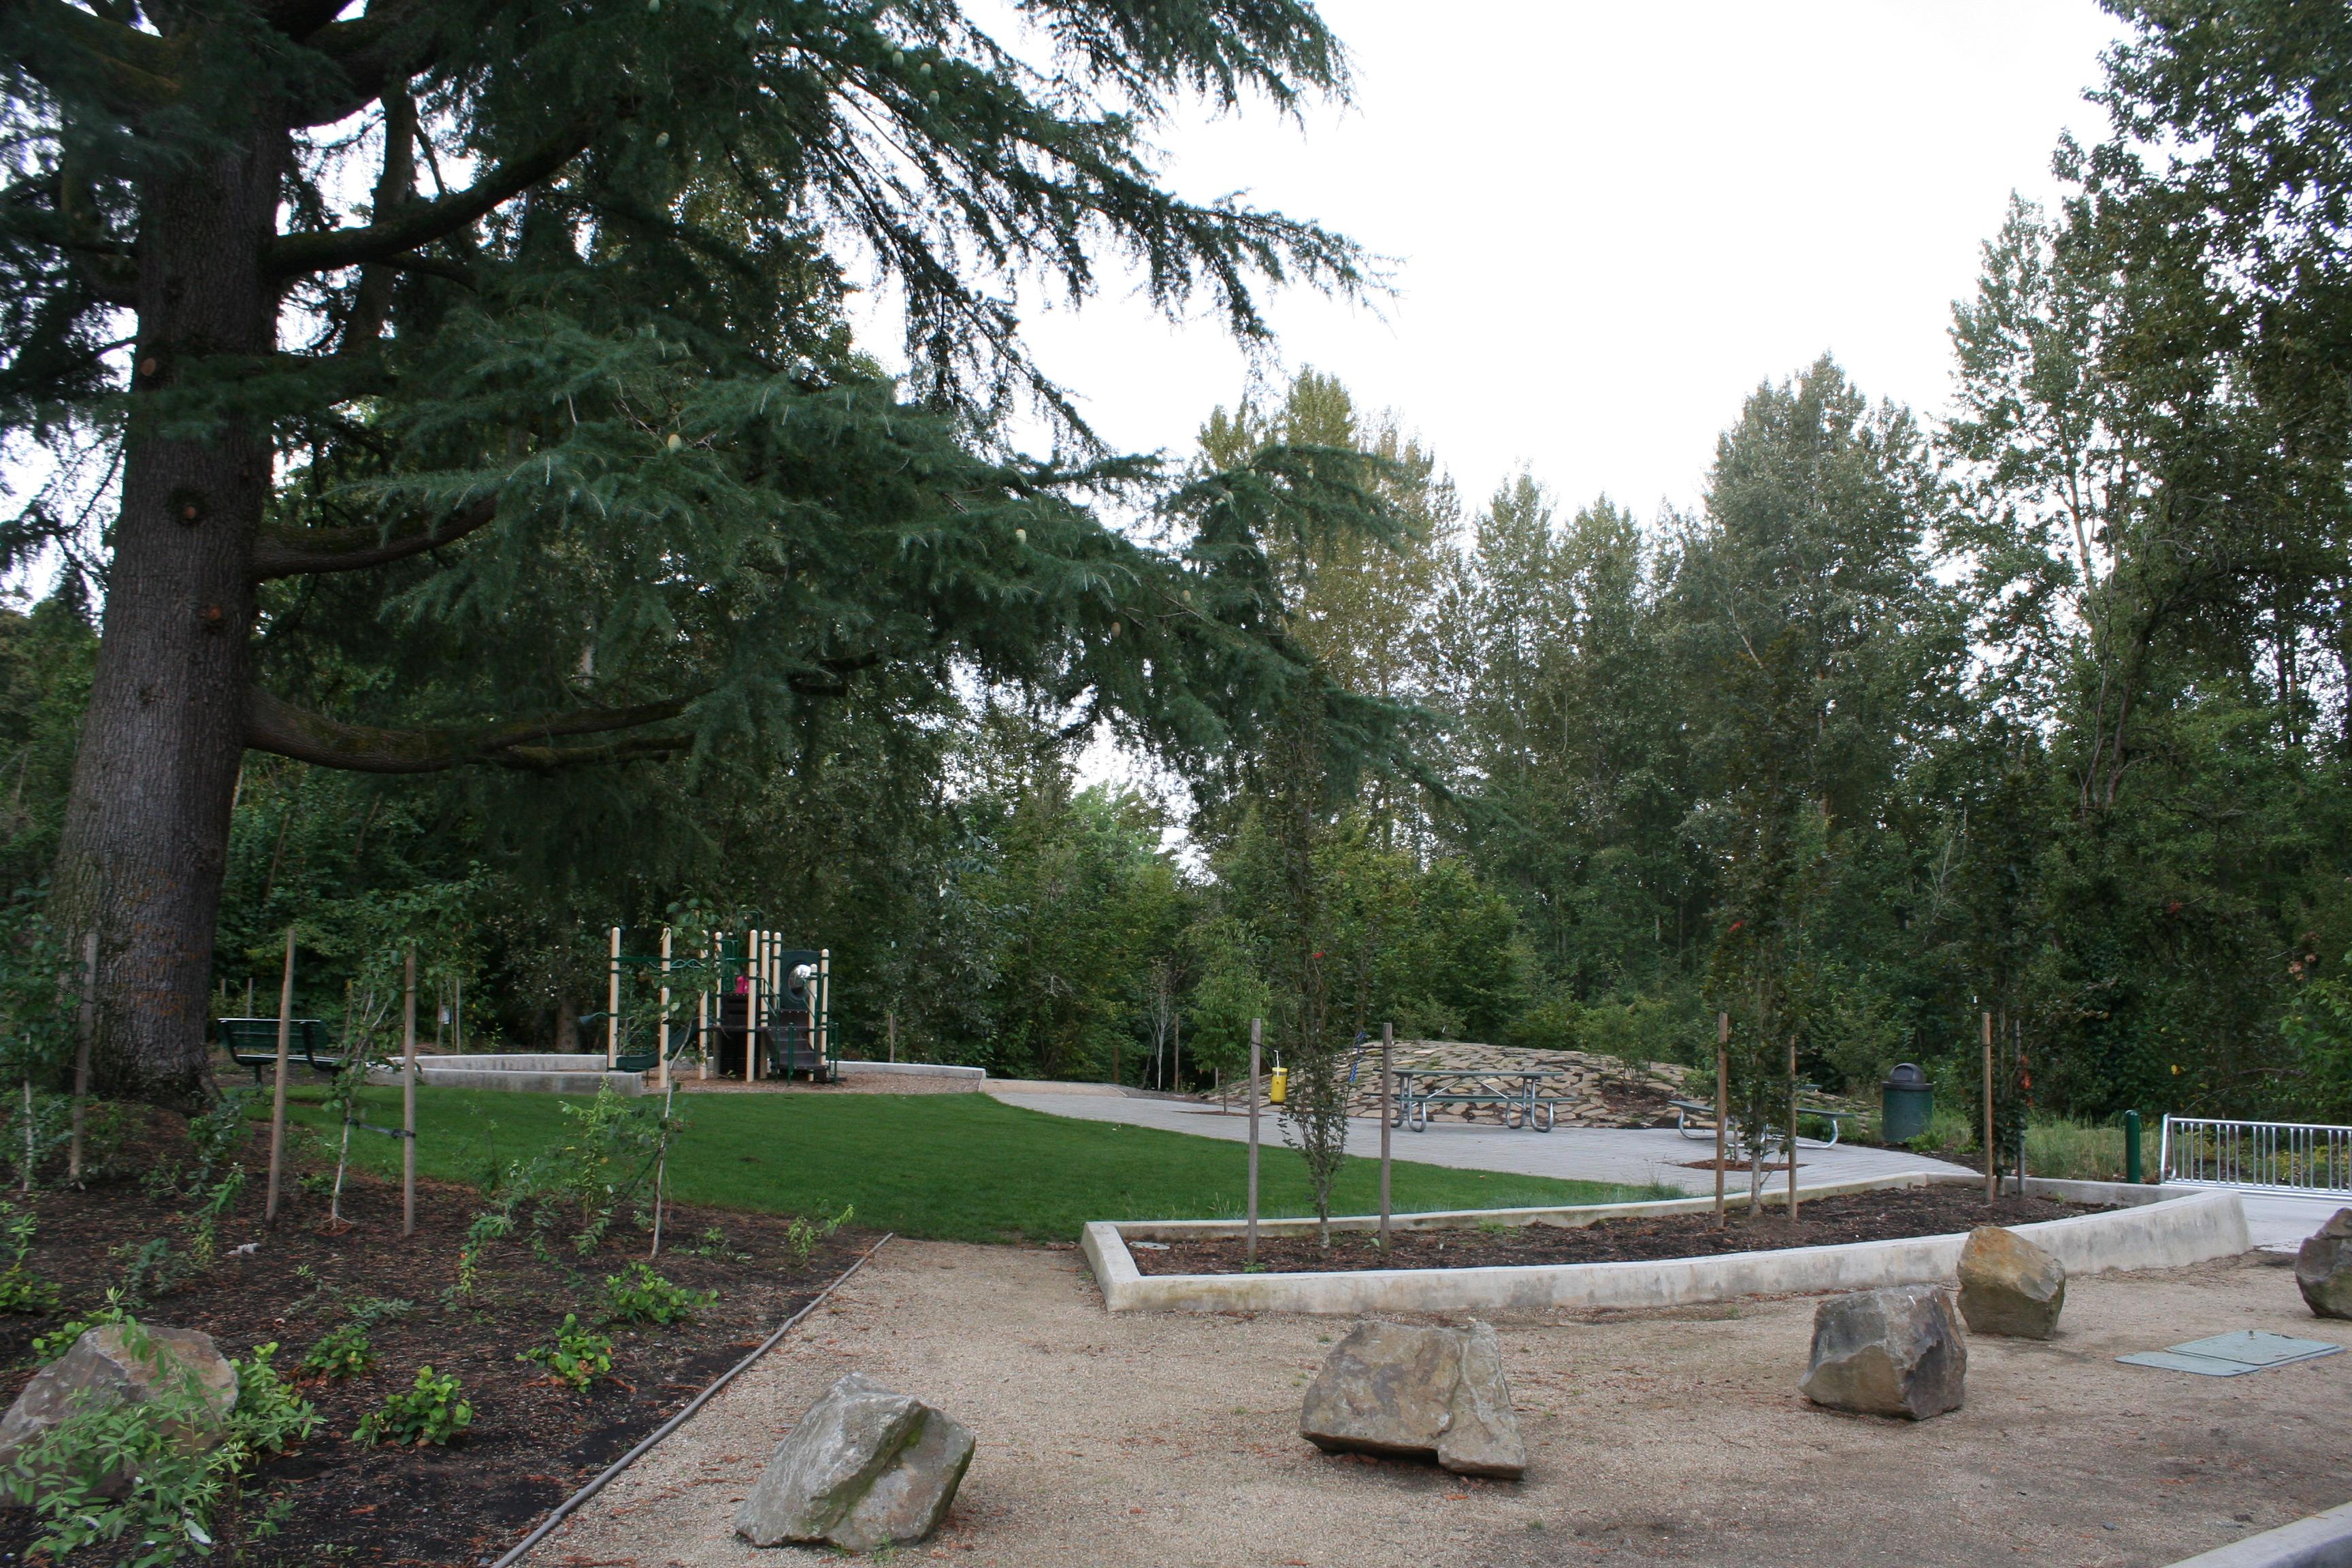 Milwaukie Spring Park